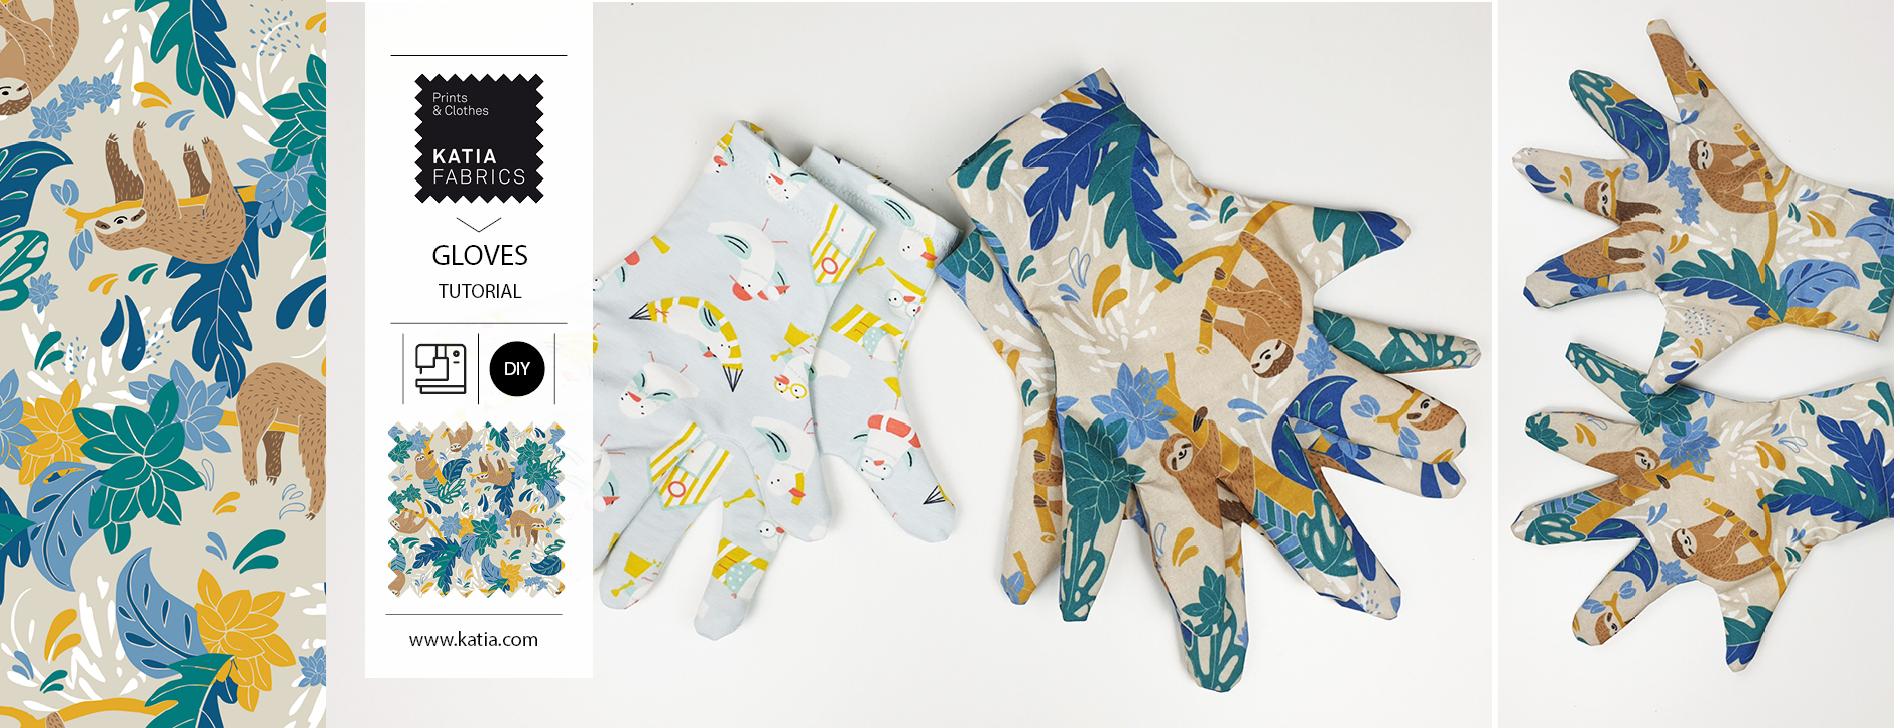 Waterdichte handschoenen naaien